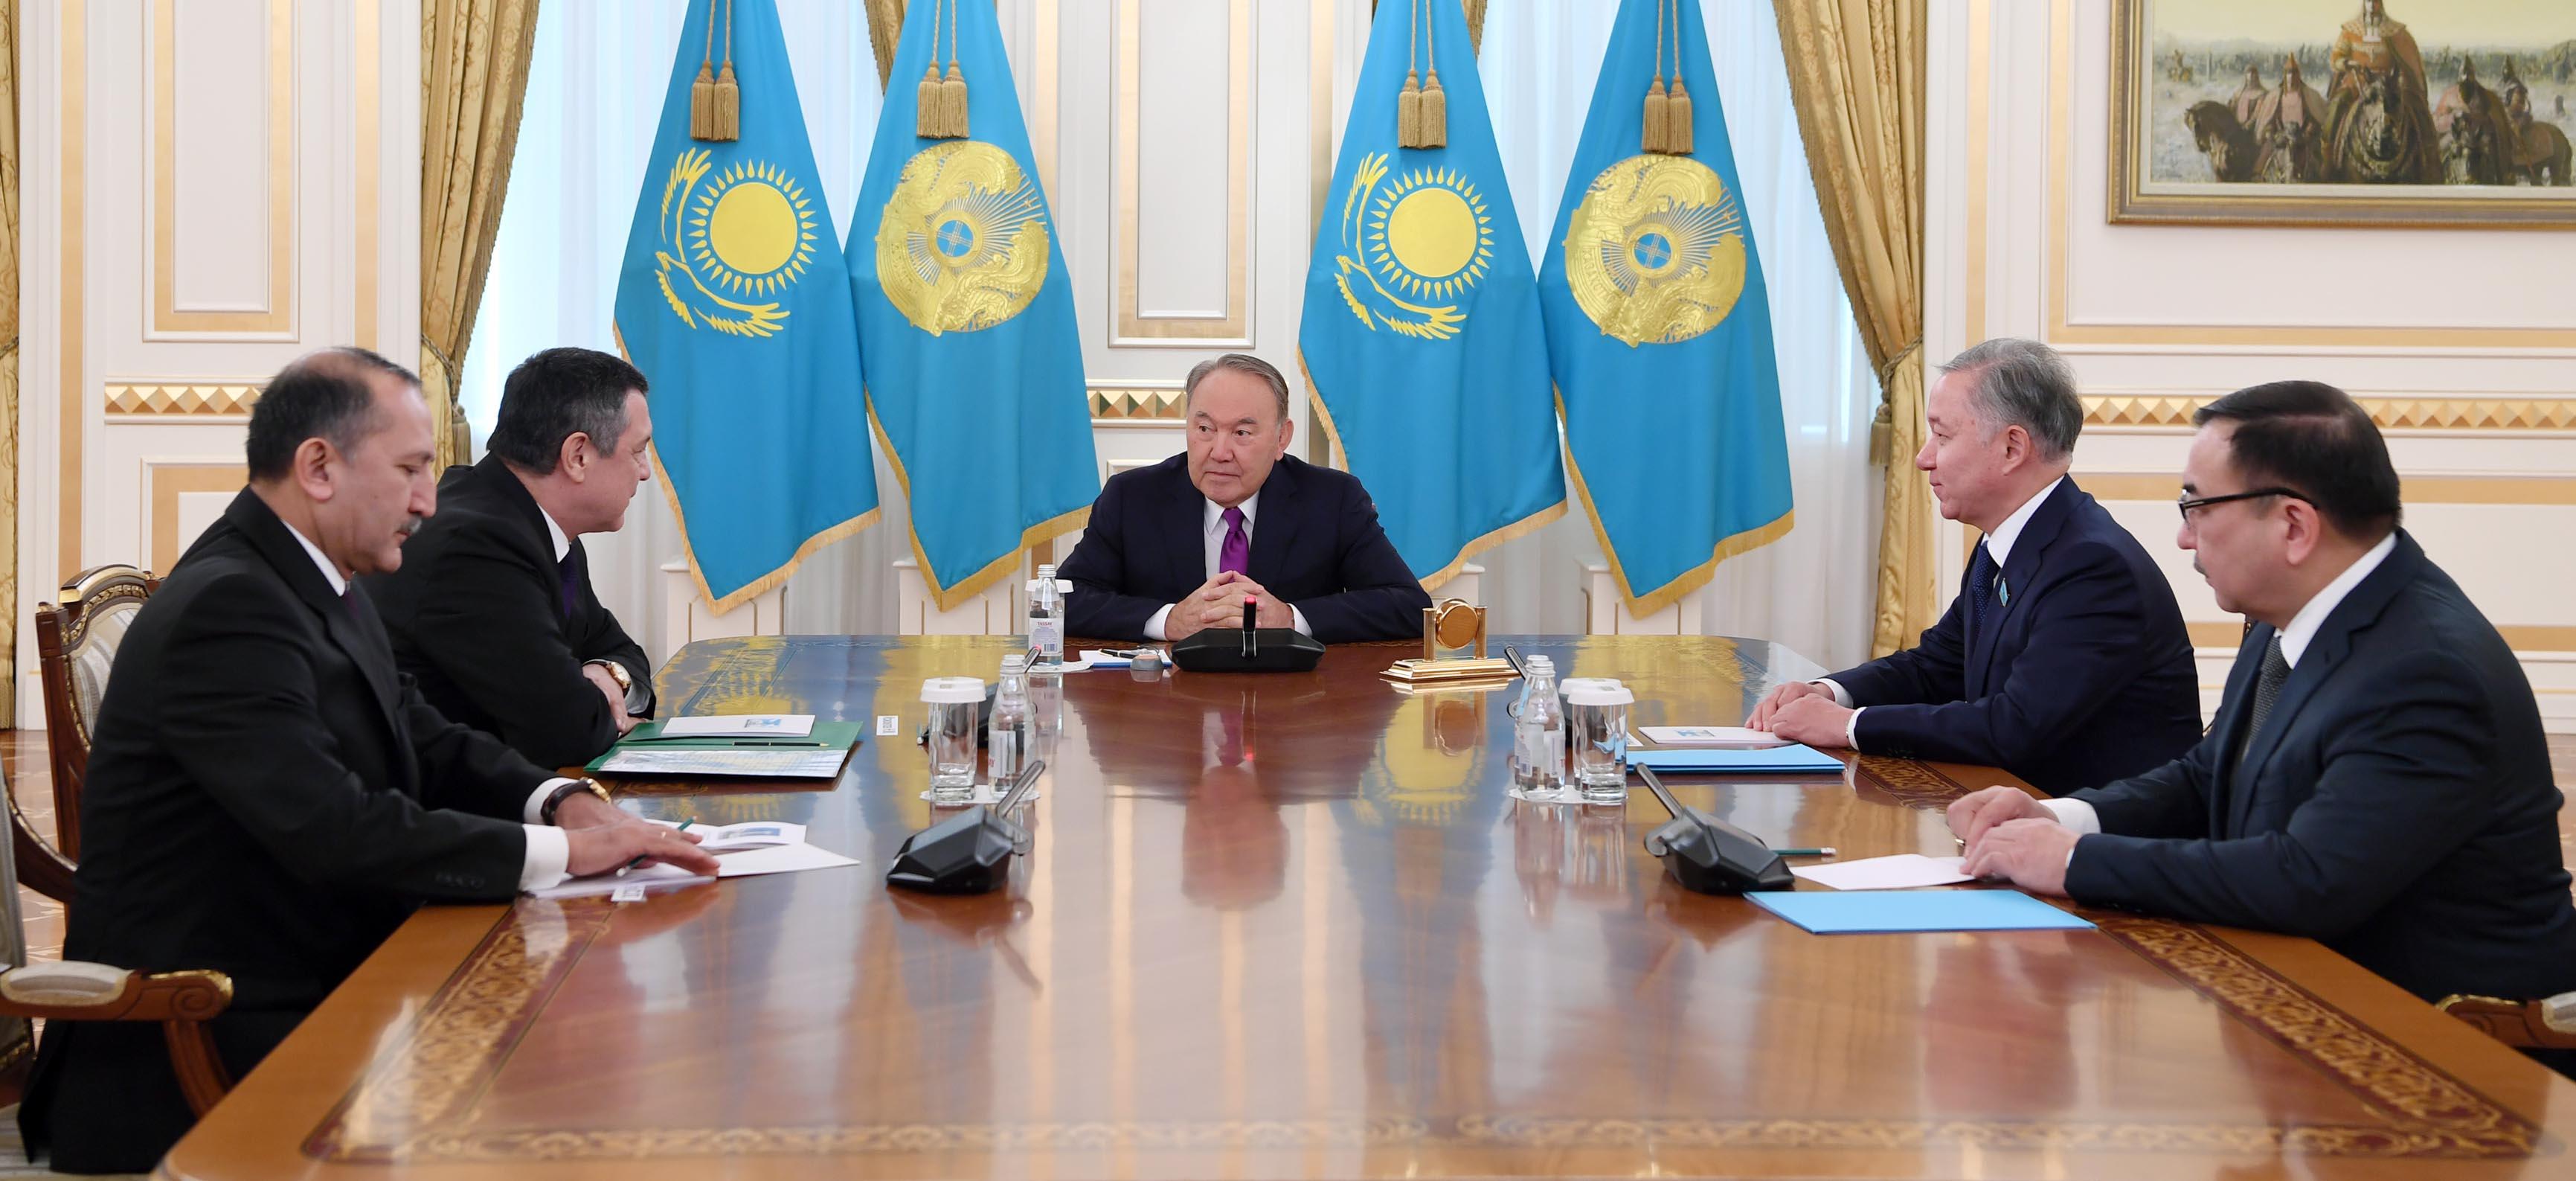 Мемлекет басшысы Өзбекстанның Олий Мәжілісі заң шығару палатасының спикері Нурдинжон Исмоиловпен кездесті